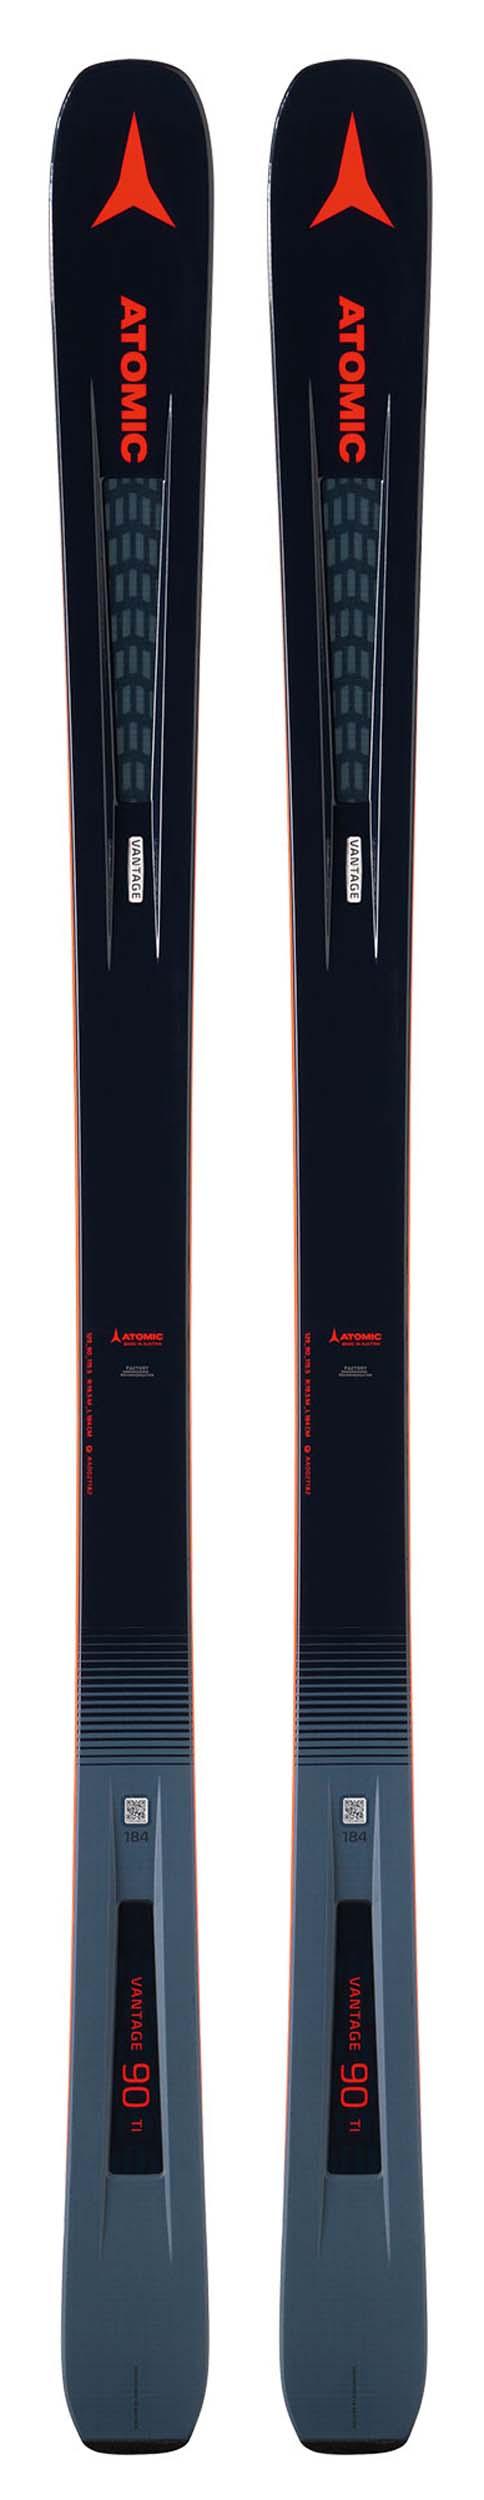 Atomic 2019 Vantage 90 TI Skis (Without Bindings / Flat) NEW !! 161cm